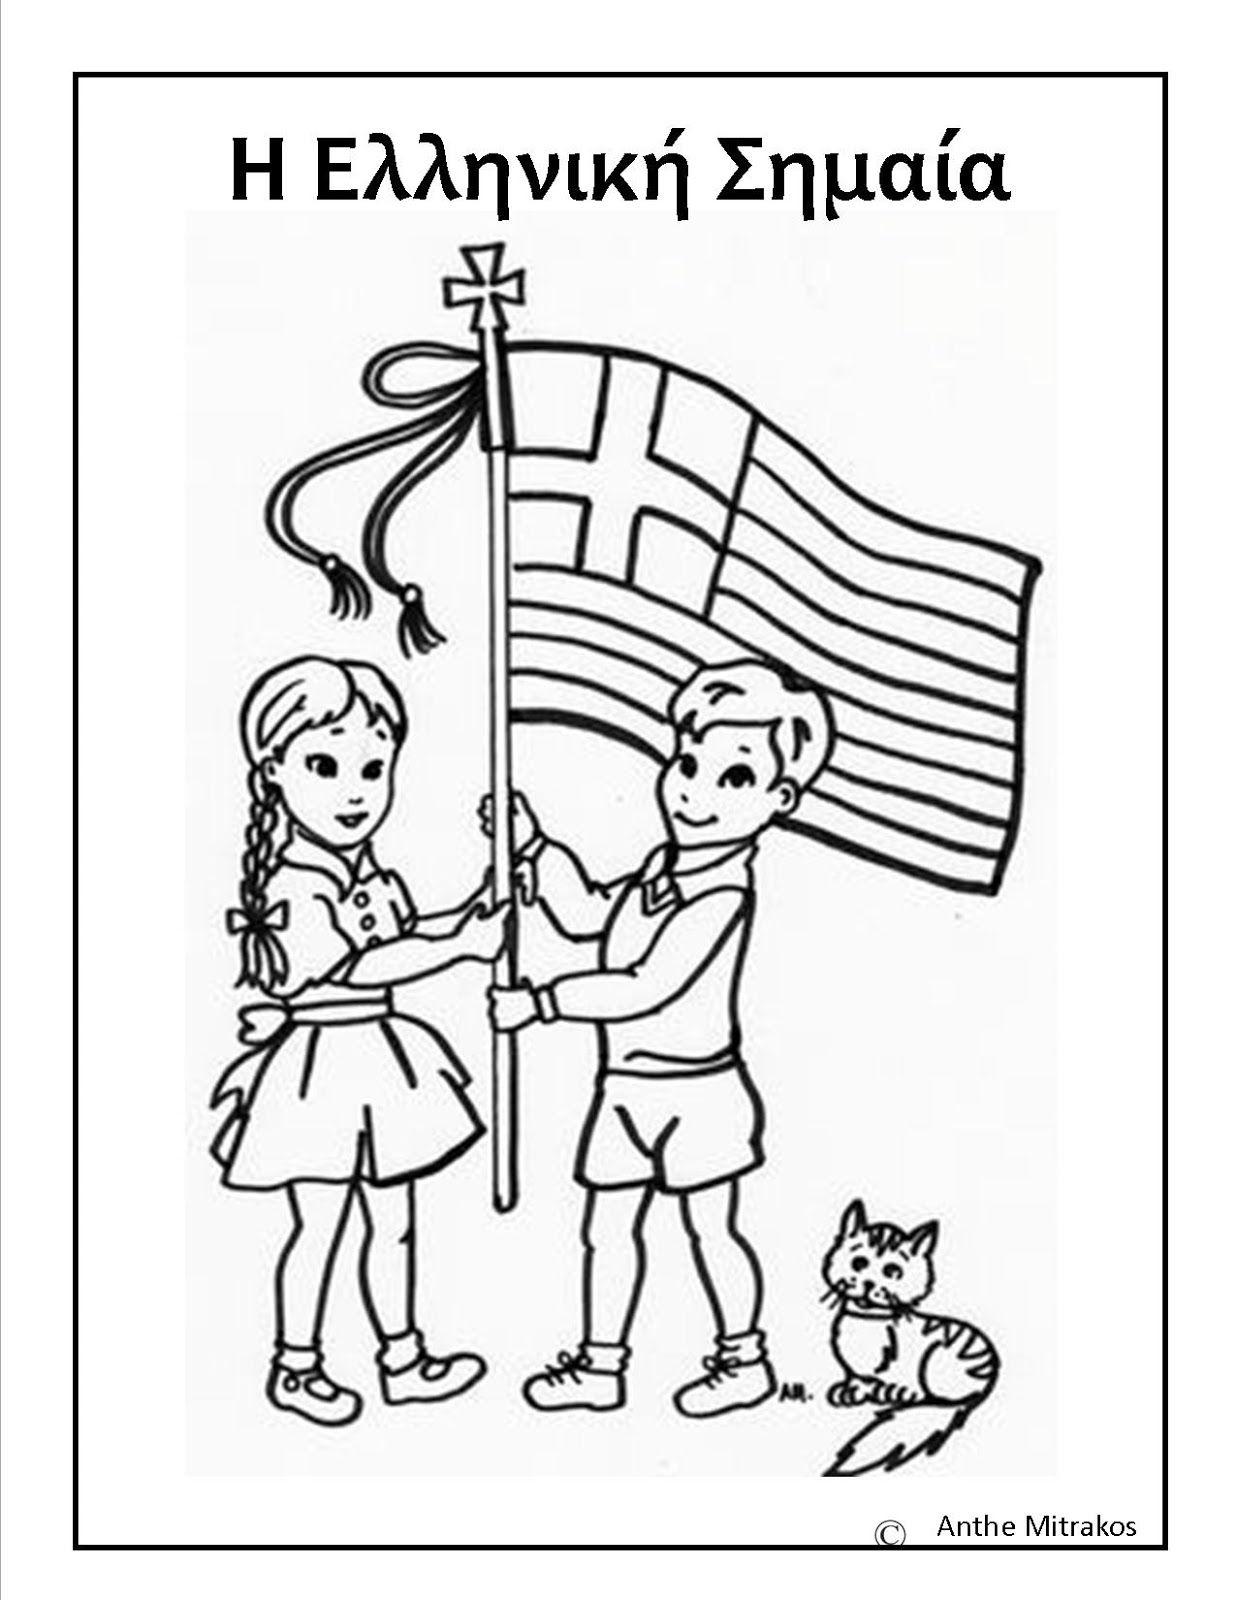 Greekflag 1